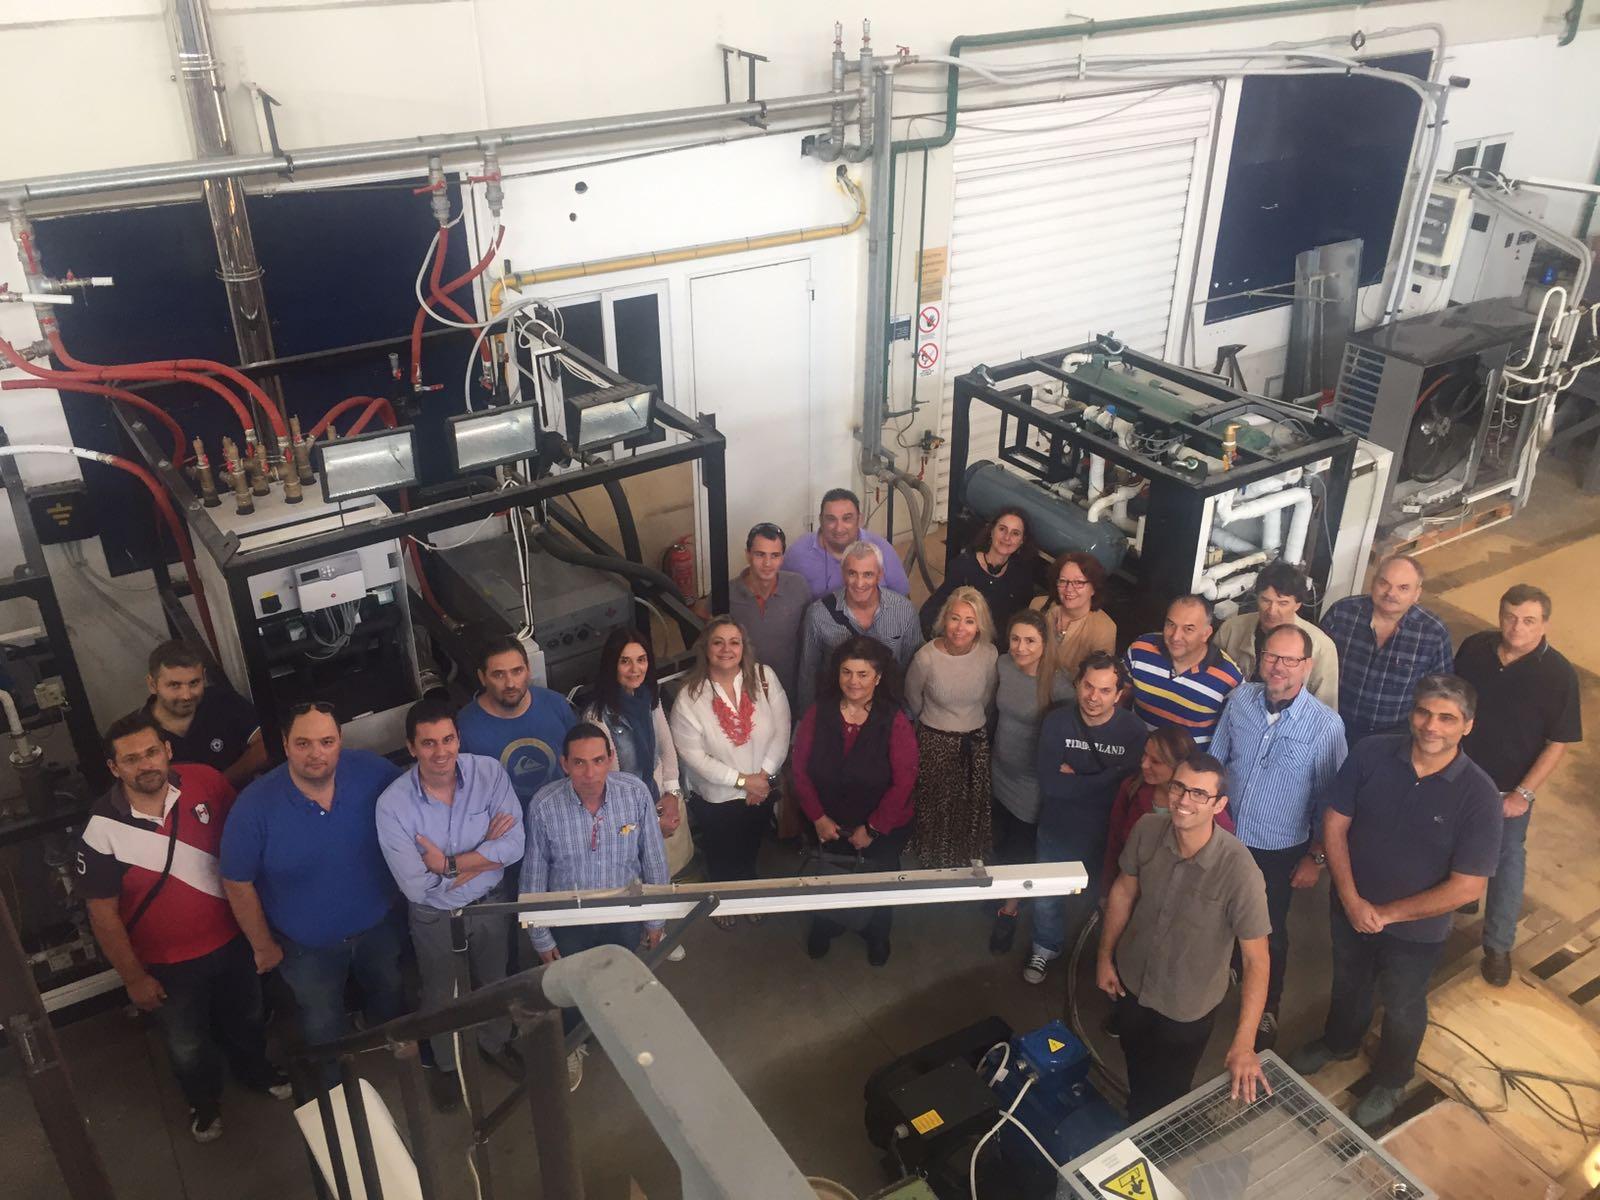 Επιτυχής ολοκλήρωση διήμερης επιμόρφωσης εκπαιδευτικών του Τομέα Μηχανολογίας των ΕΠΑΛ σε θέματα Ηλιοθερμικής ψύξης κτιρίων